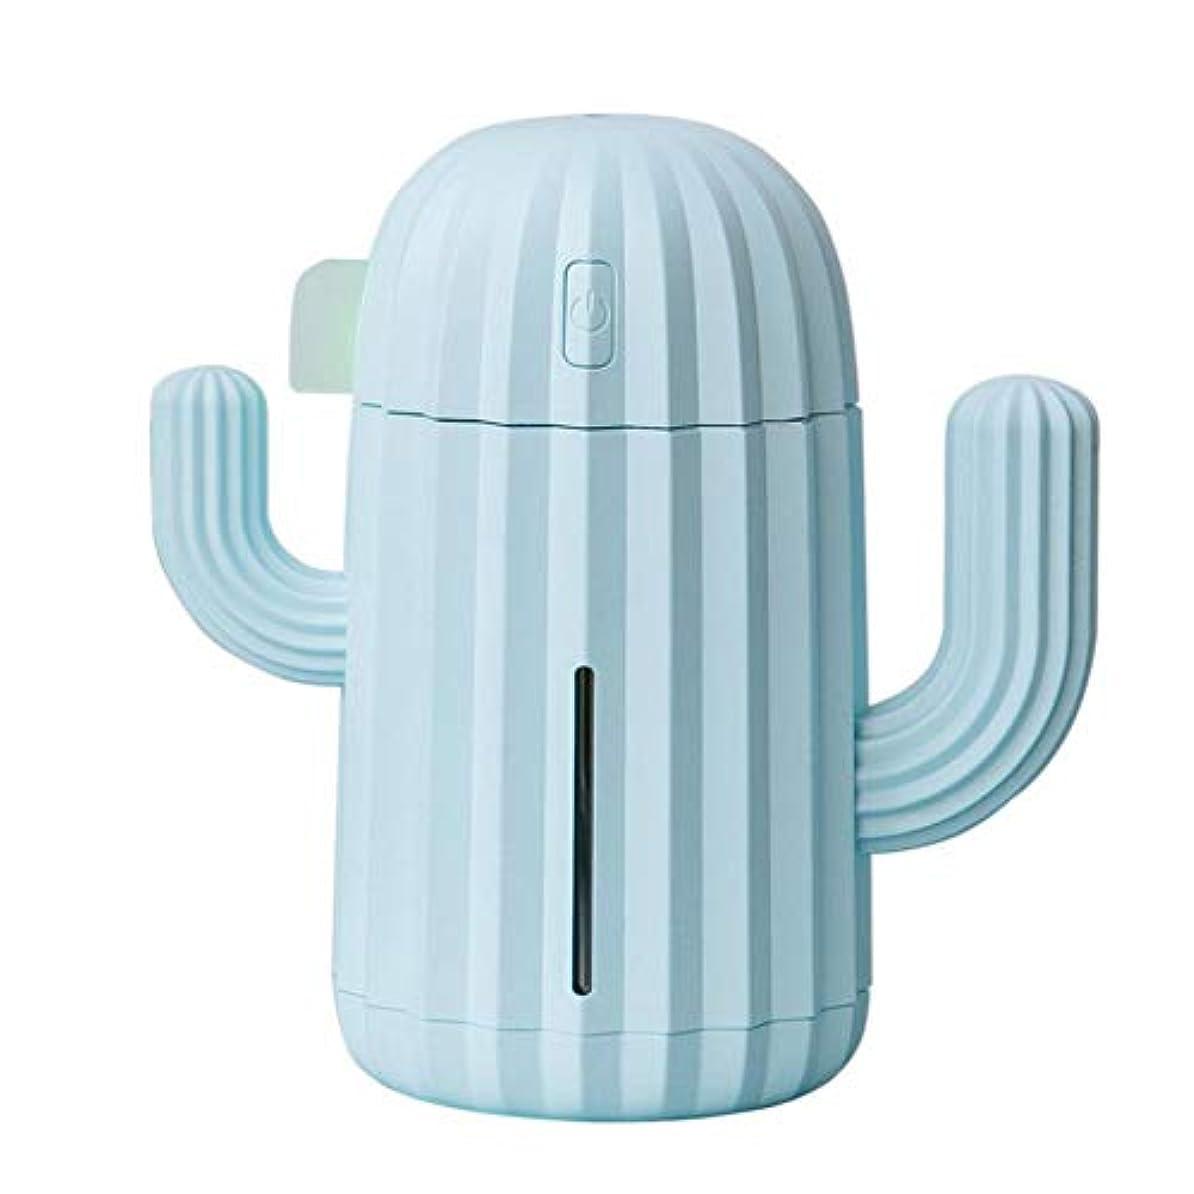 プロペラ共産主義者アライメントアロマディフューザー 卓上加湿器 サボテン形 大容量 340ml USB充電式 ライト付き 間接照明 部屋、会社、ヨガなど場所適用 3色選べる Styleshow